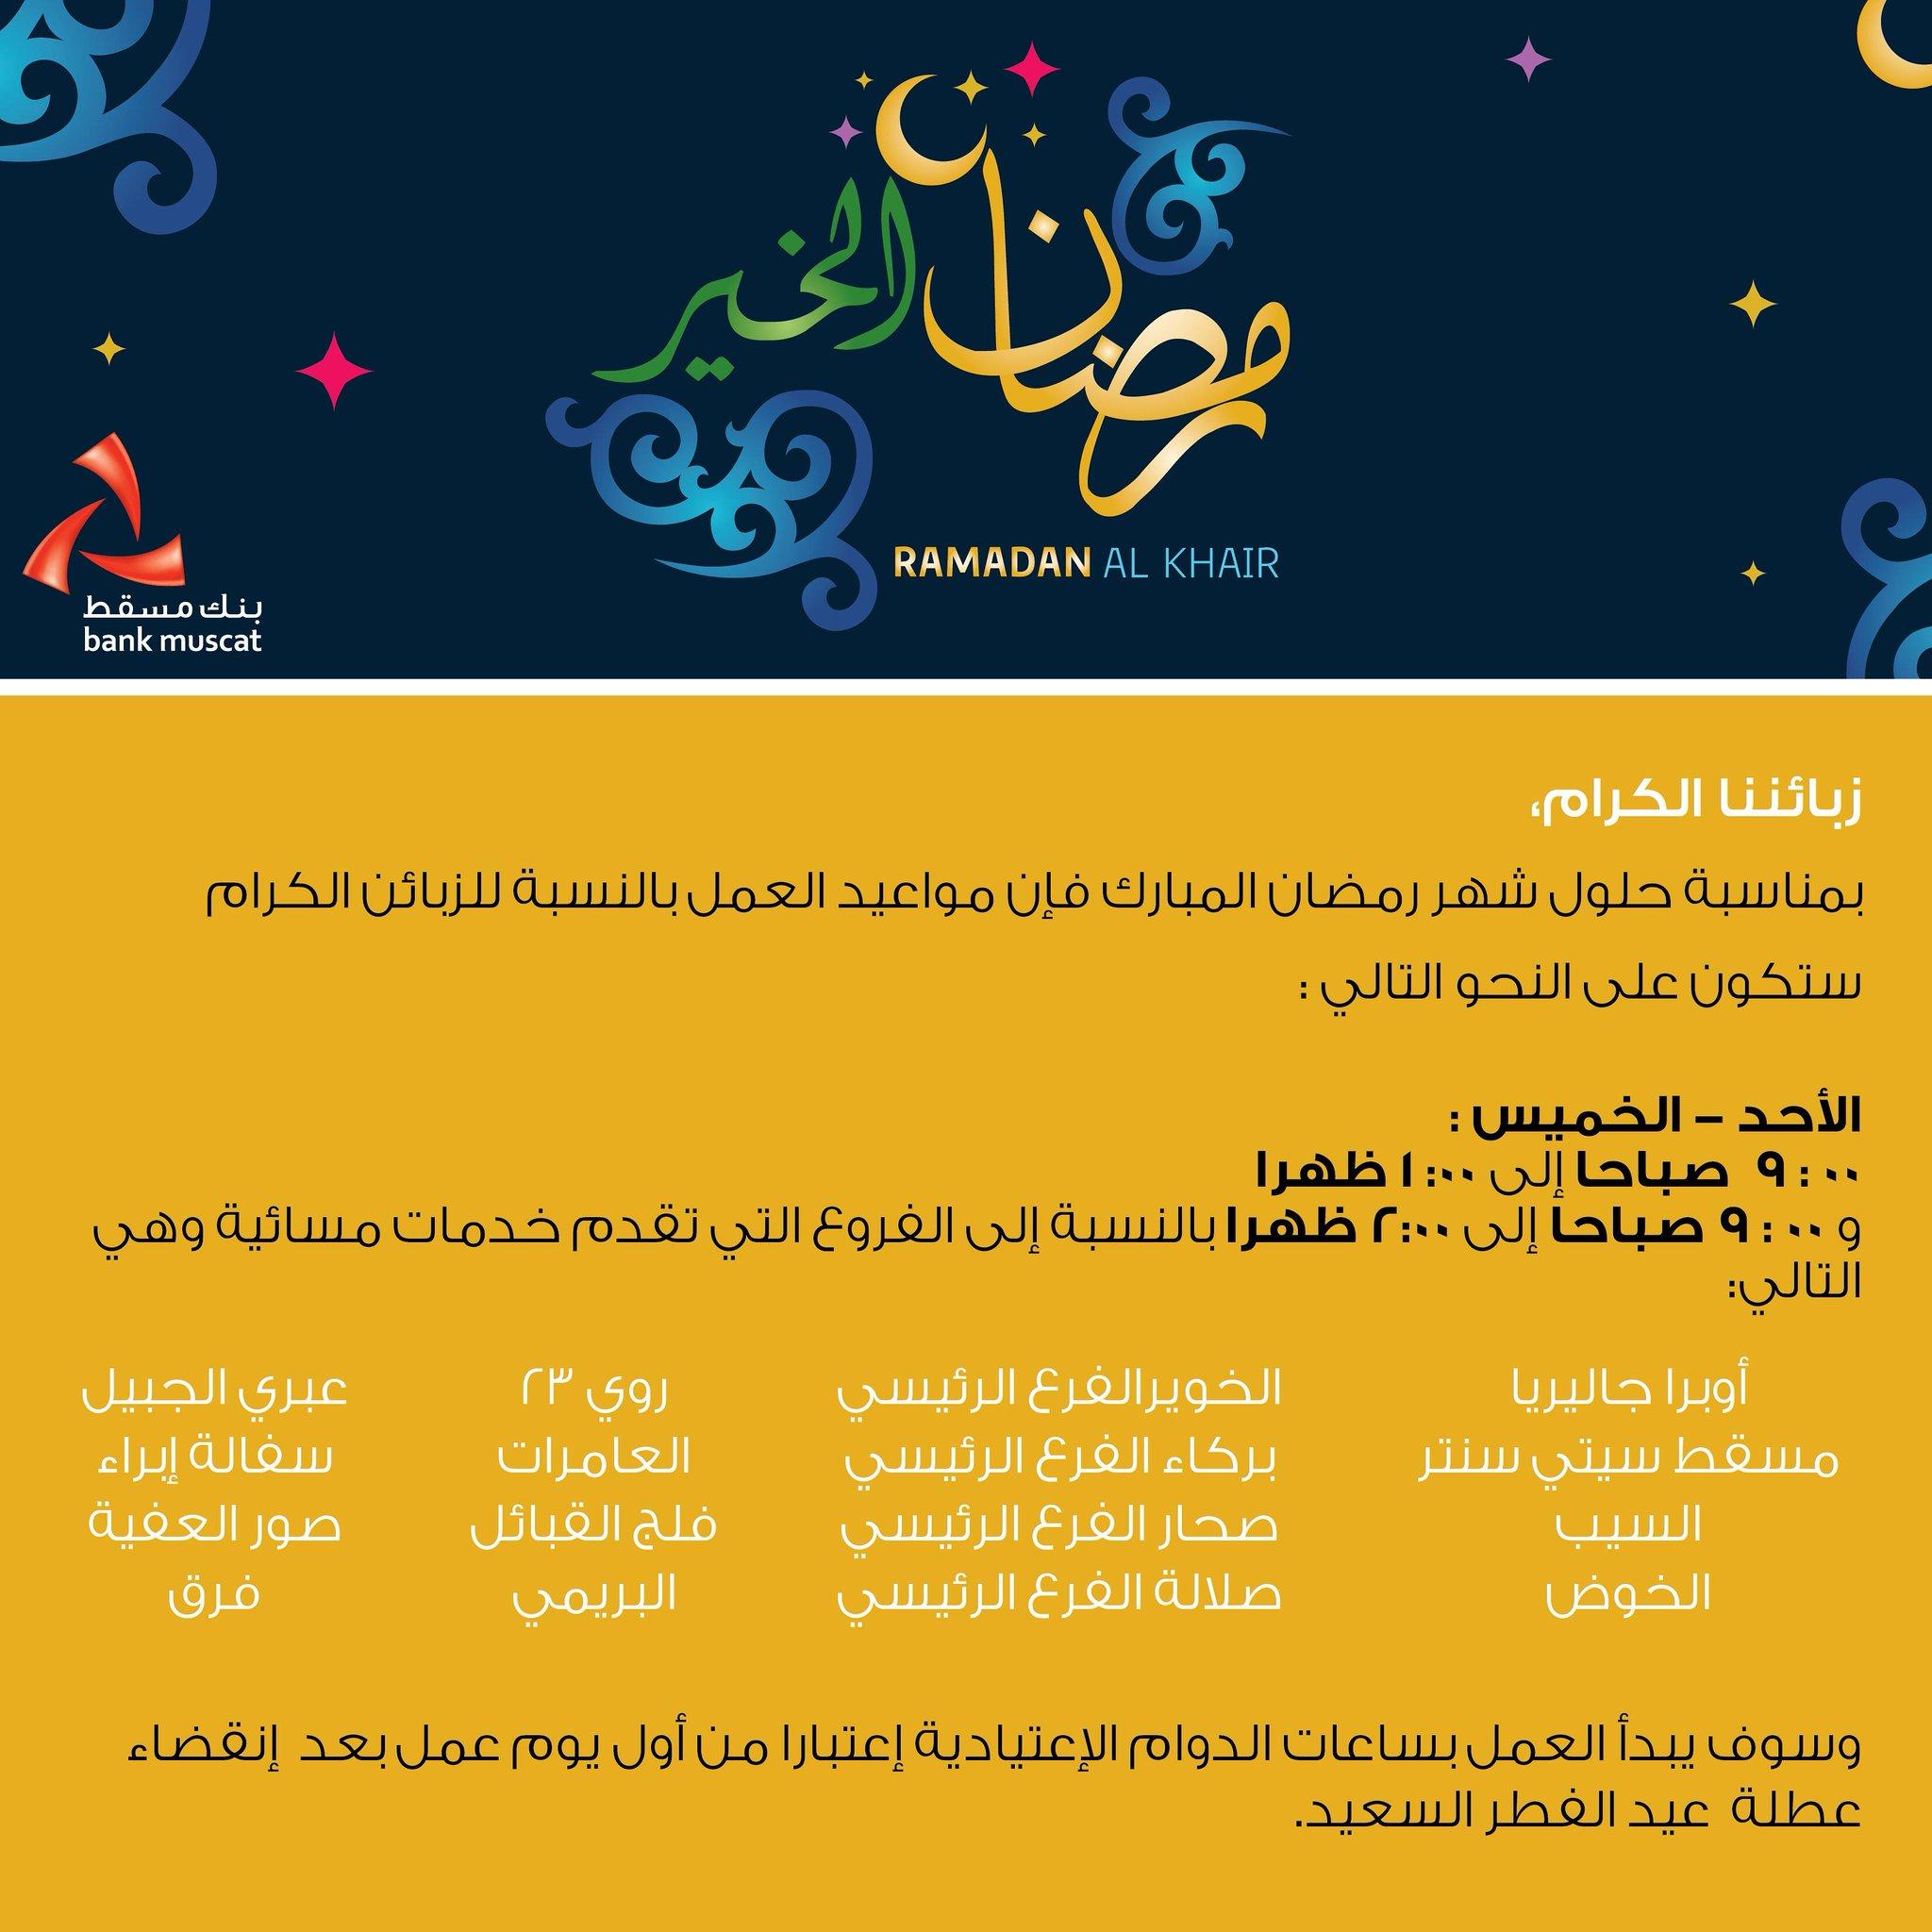 قبضة آسيوي مصرف ساعات العمل البنوك في رمضان Kulturazitiste Org